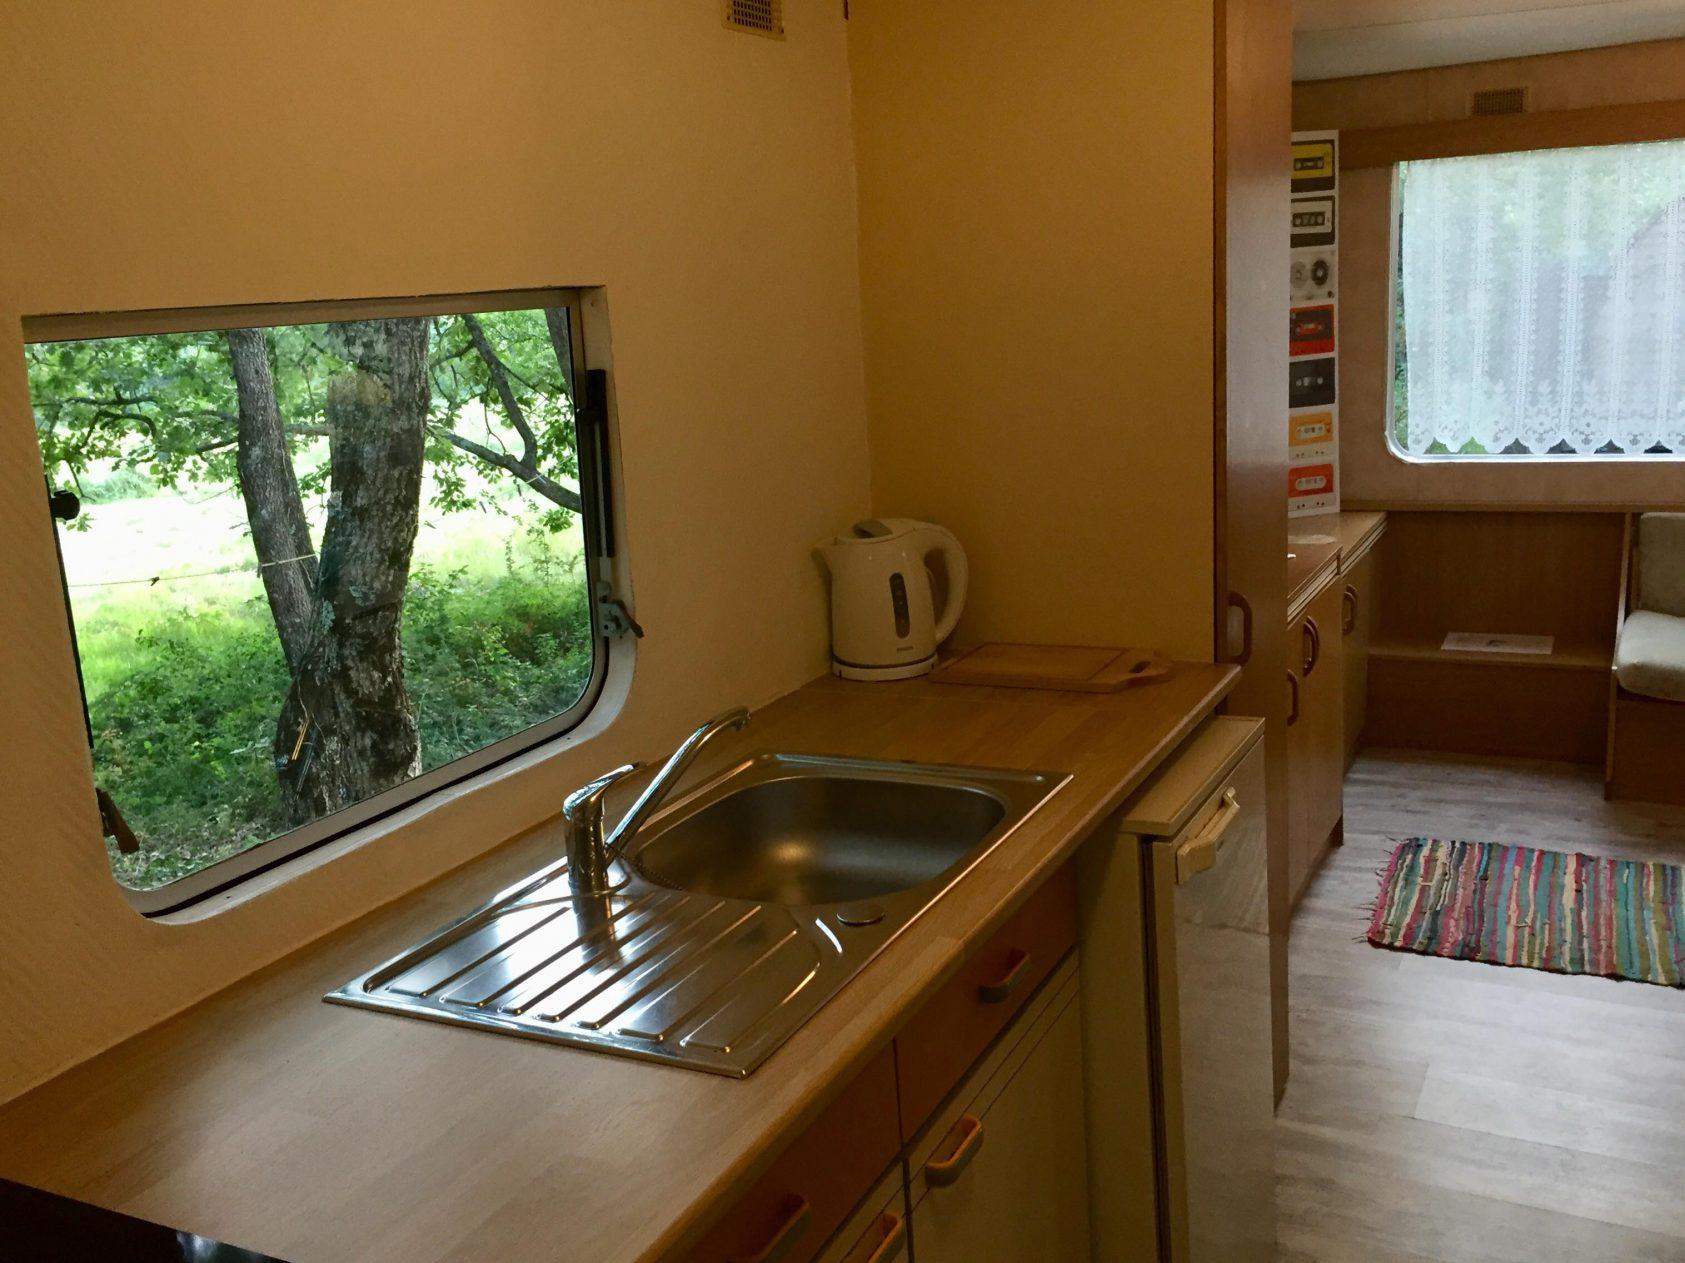 keuken red mobil home stacaravan